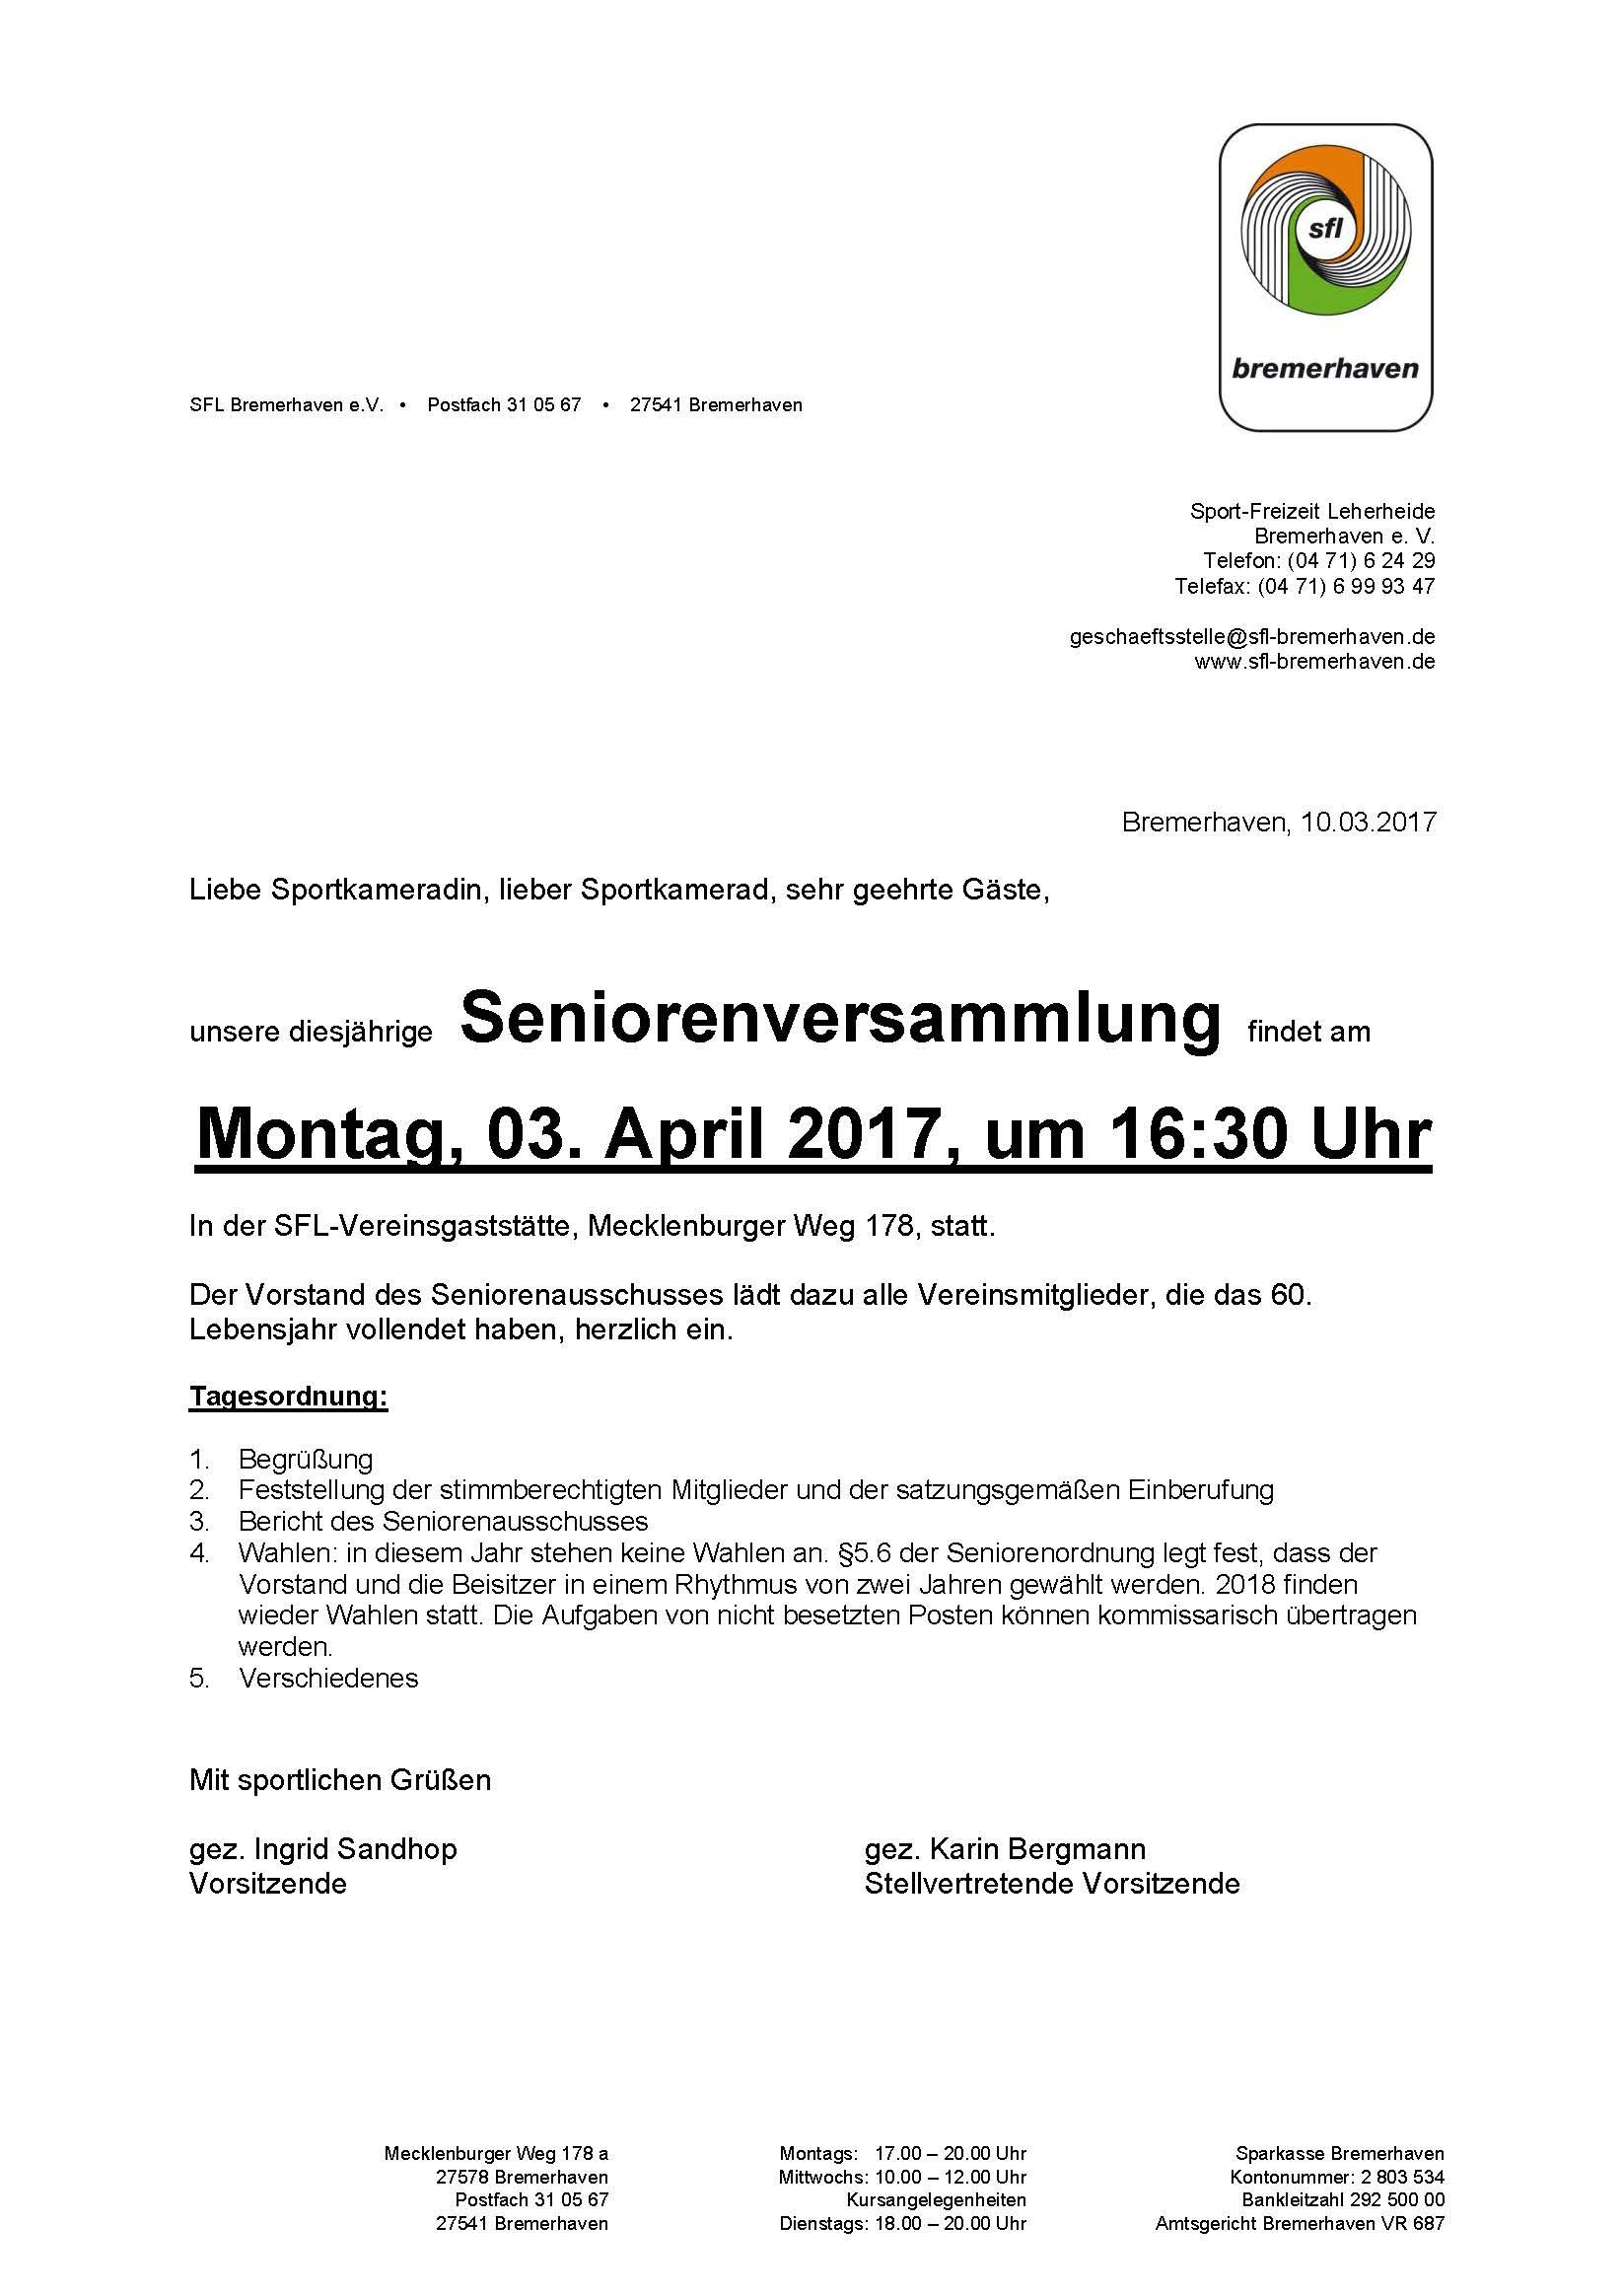 seniorenausschuss: einladung zur mitgliederversammlung 3. april, Einladung